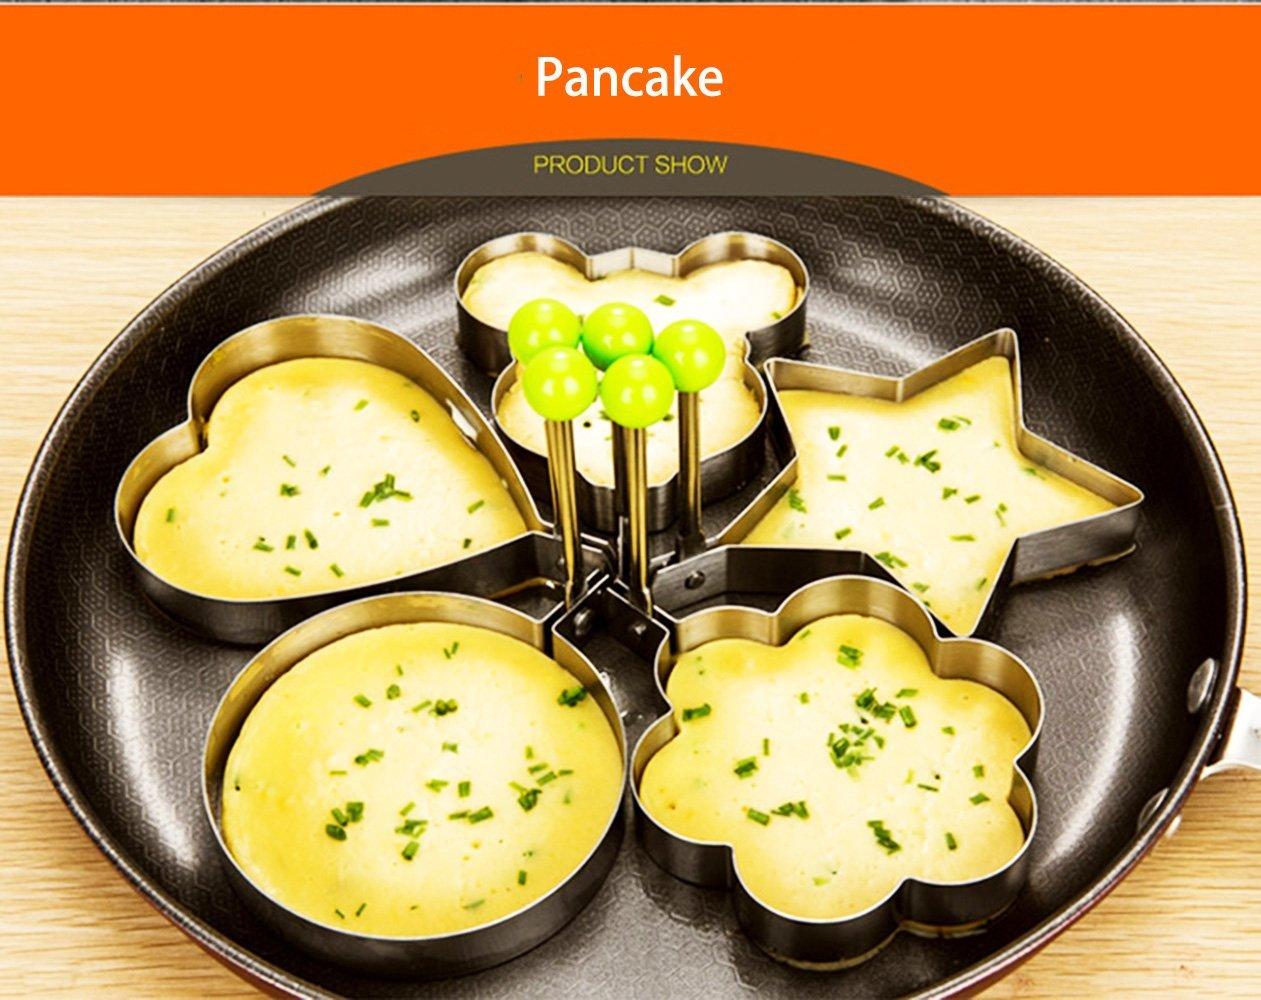 Makidar 5PCS Uovo fritto muffa delluovo Anello Egg shaper SUS304 acciaio inossidabile del pancake della muffa attrezzo della cucina del pancake Anelli